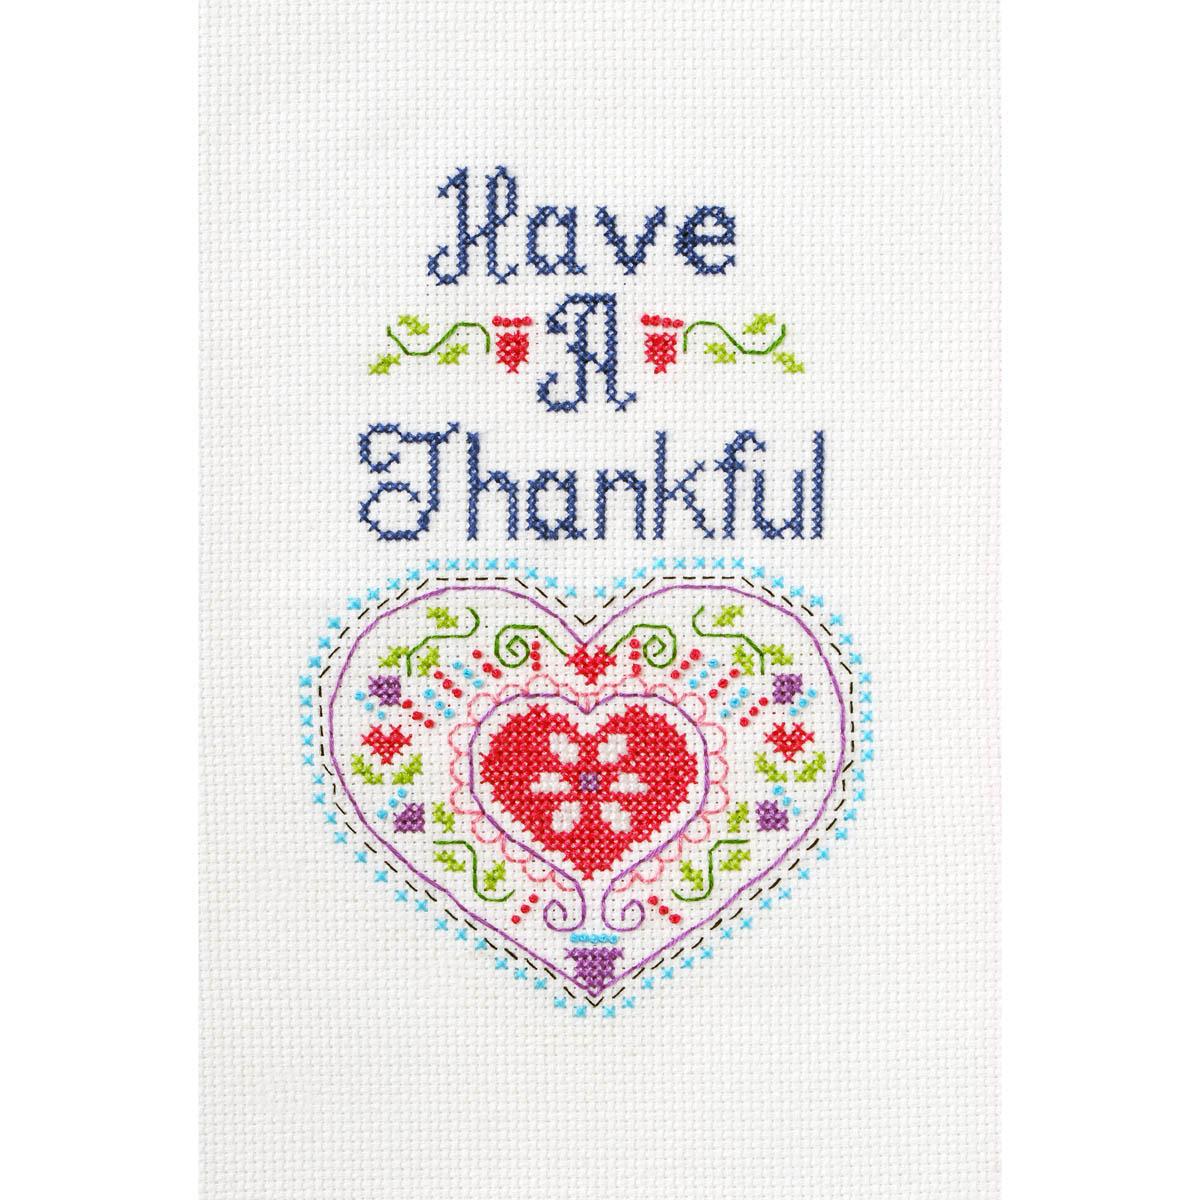 Bucilla ® My 1st Stitch™ - Counted Cross Stitch Kits - Have a Thankful Heart